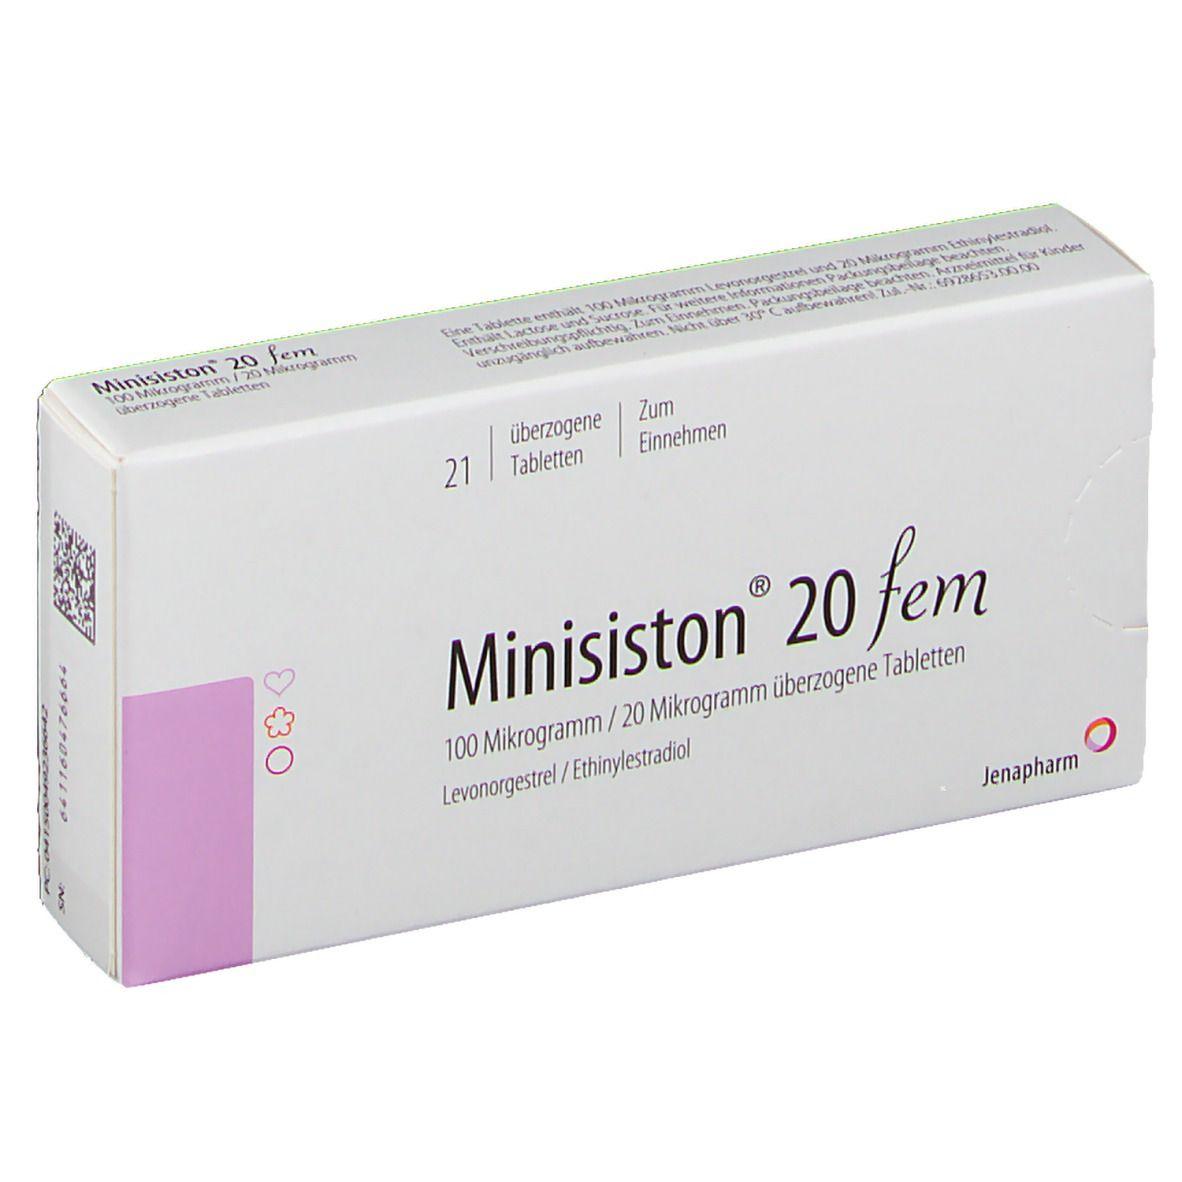 Minisiston® 20 fem 1X21 St - shop-apotheke.com